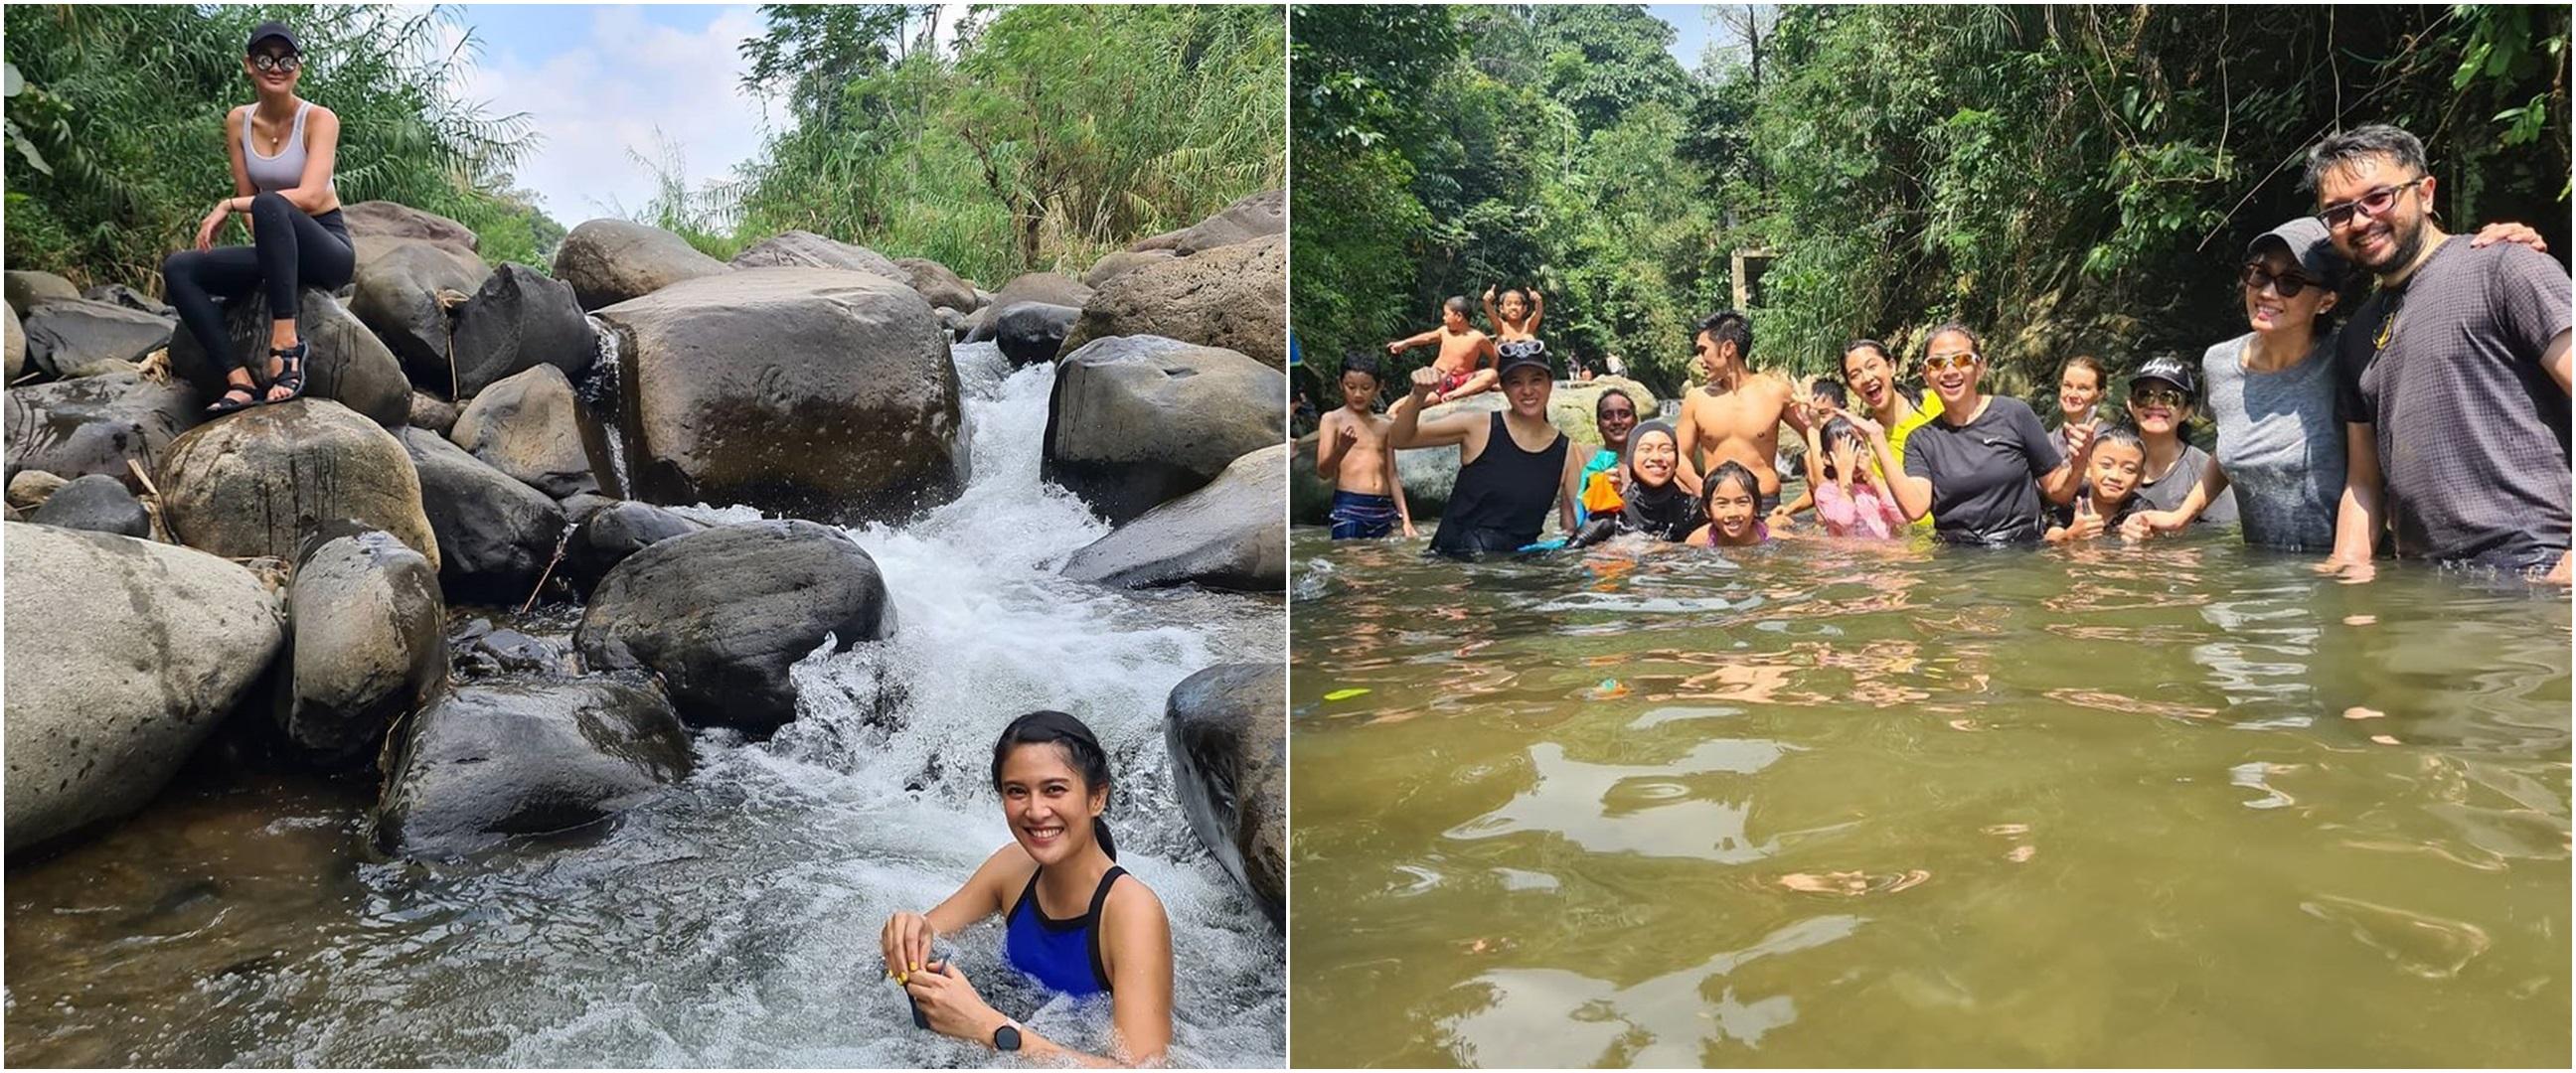 Momen 5 seleb mandi di sungai saat liburan di alam, seru abis